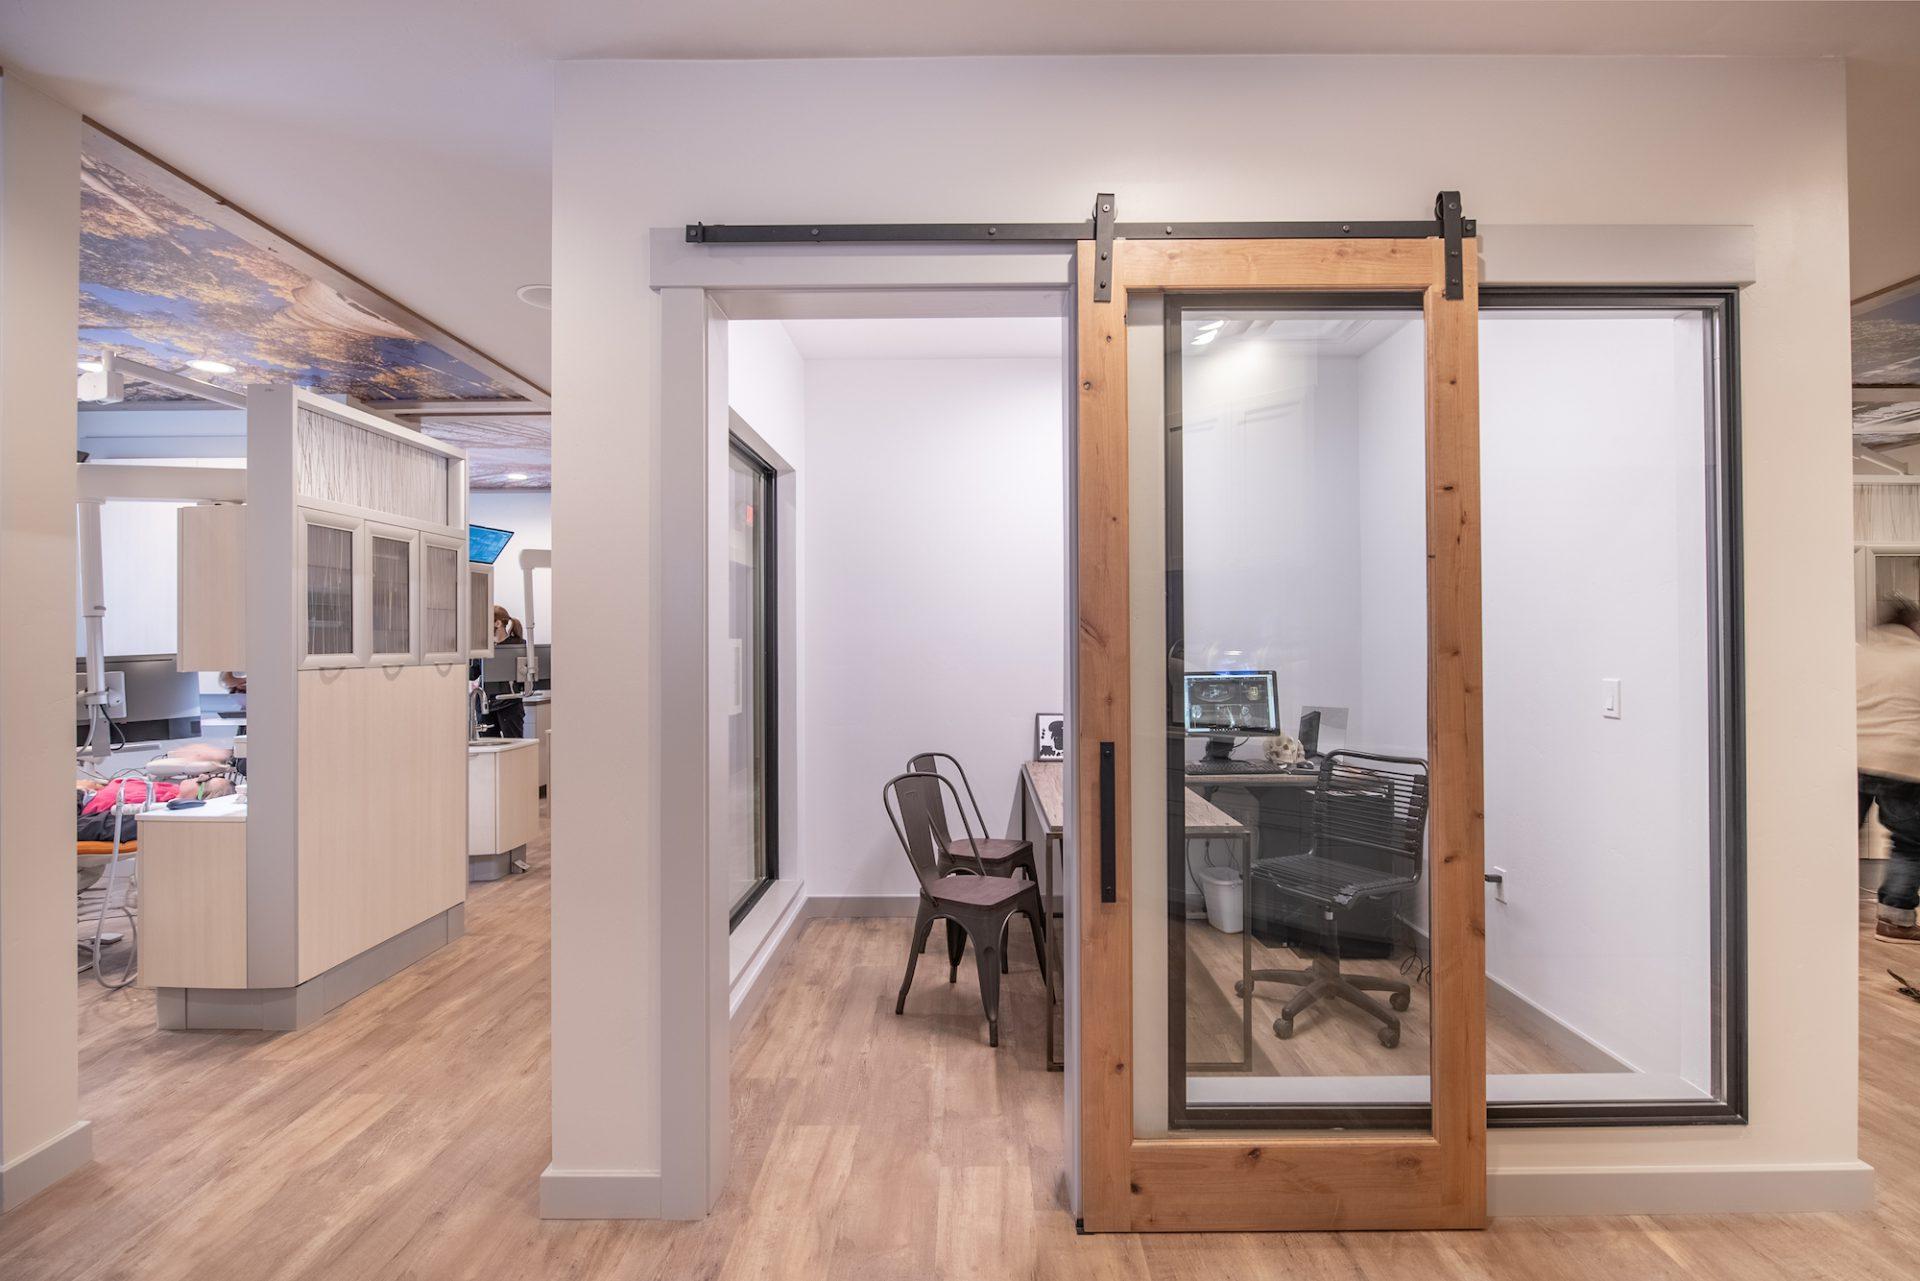 Crested-Butte-Somrak-Concept-Structure-Design-Build-Home-Builder-6